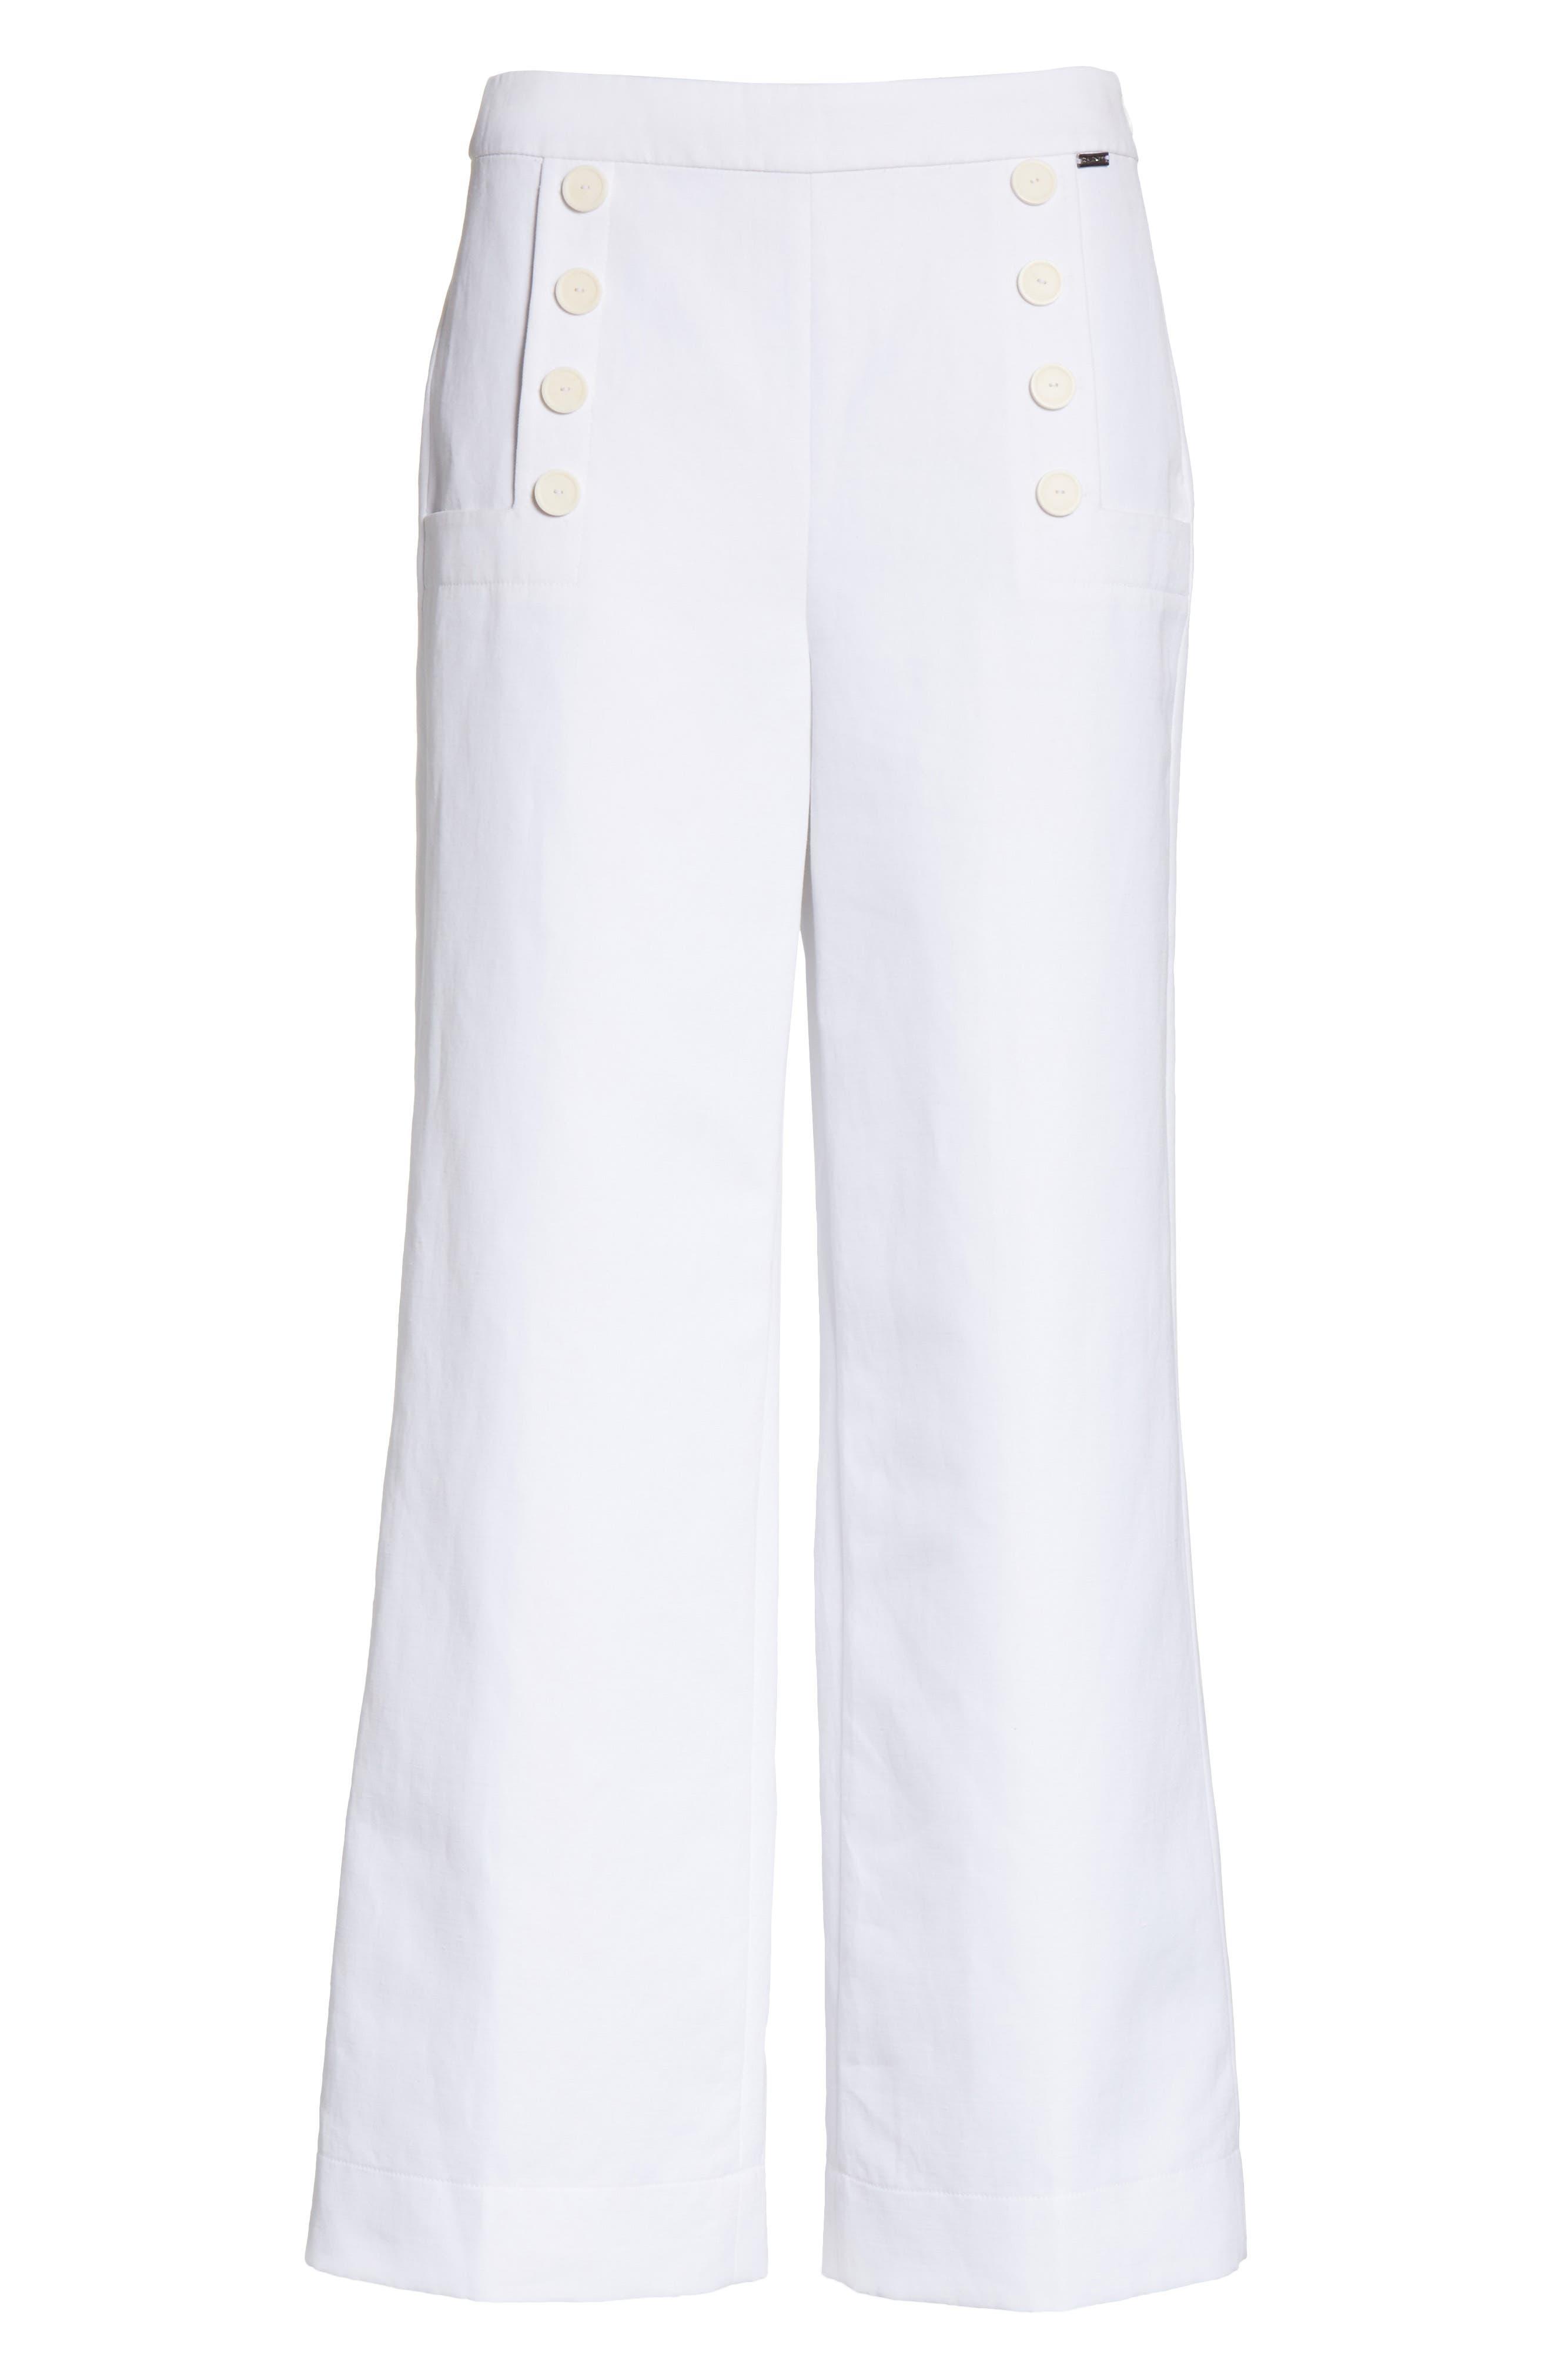 Cotton & Linen Crop Wide Leg Pants,                             Alternate thumbnail 6, color,                             100